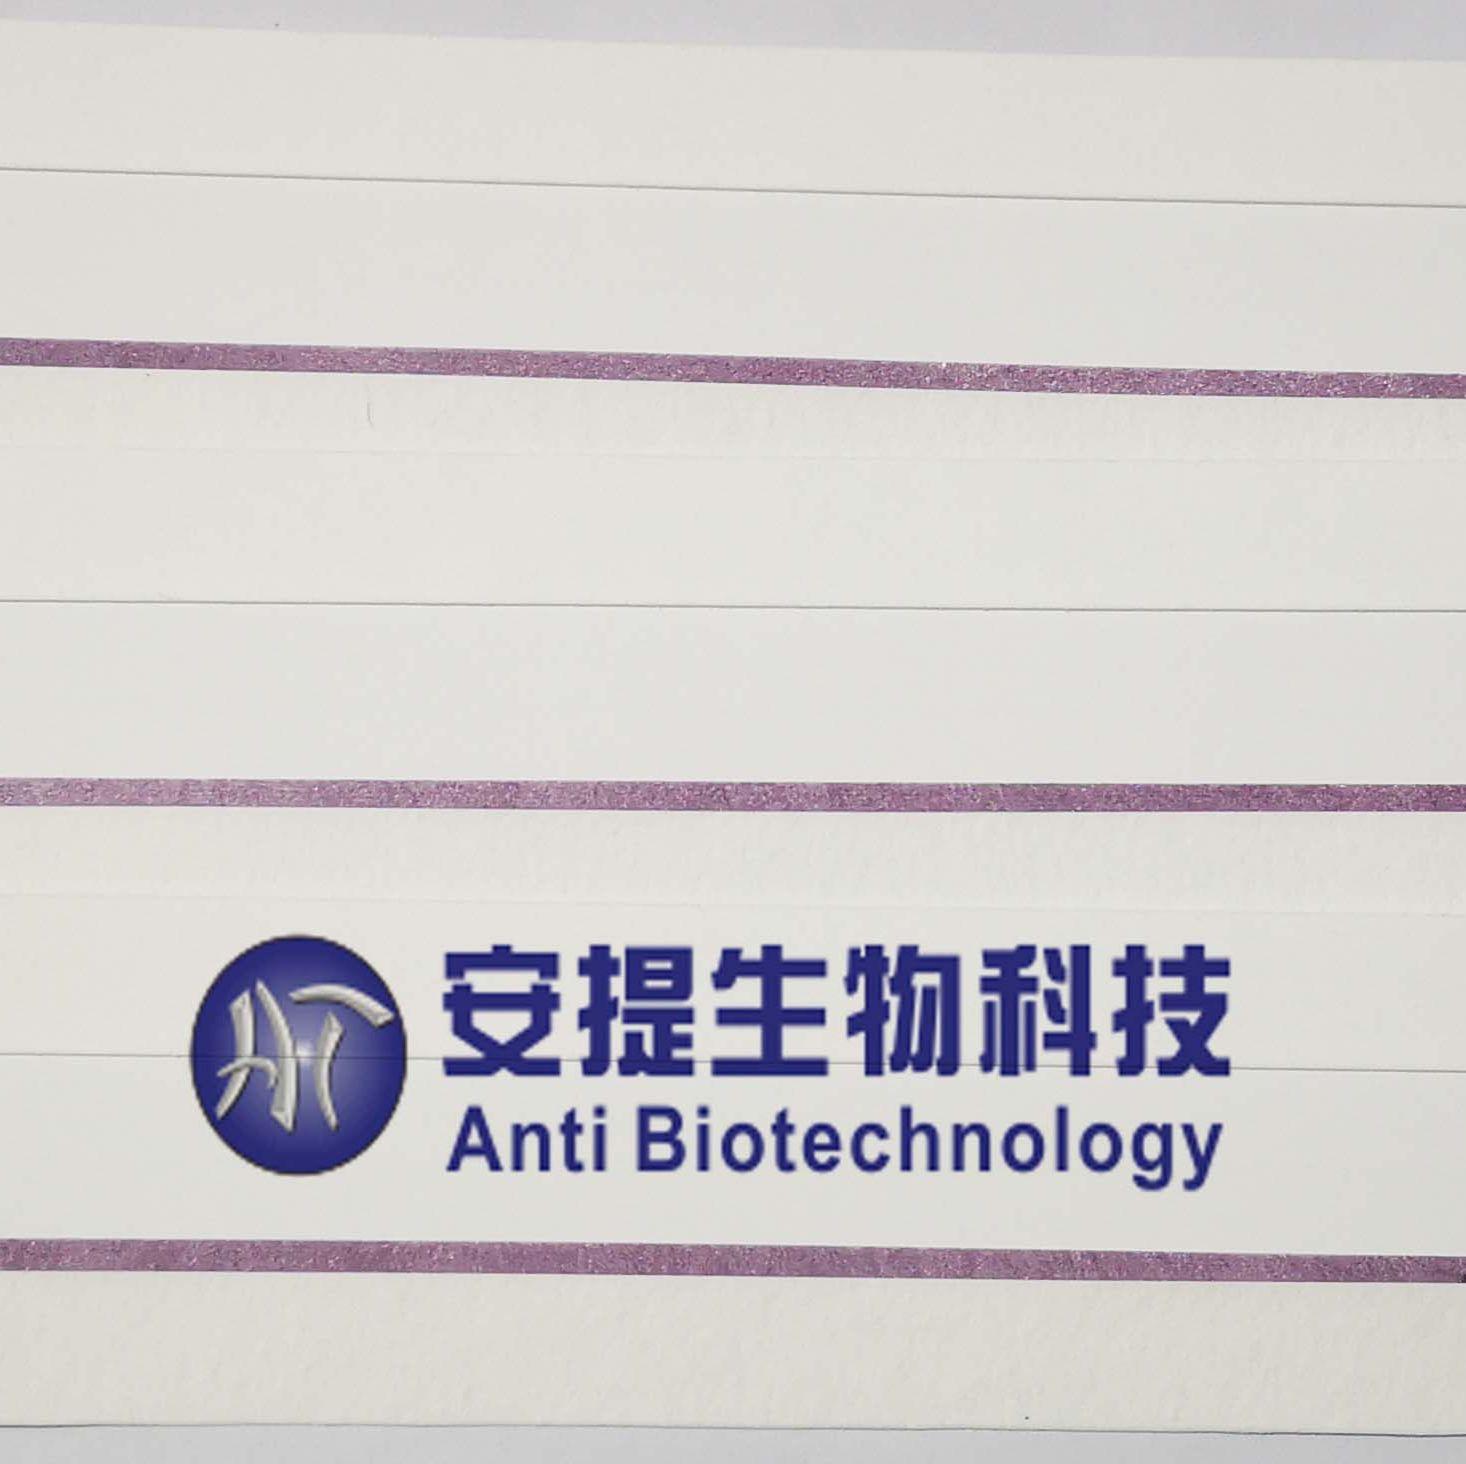 新型冠状病毒抗原检测大板  新型冠状病毒抗原检测半成品 胶体金法